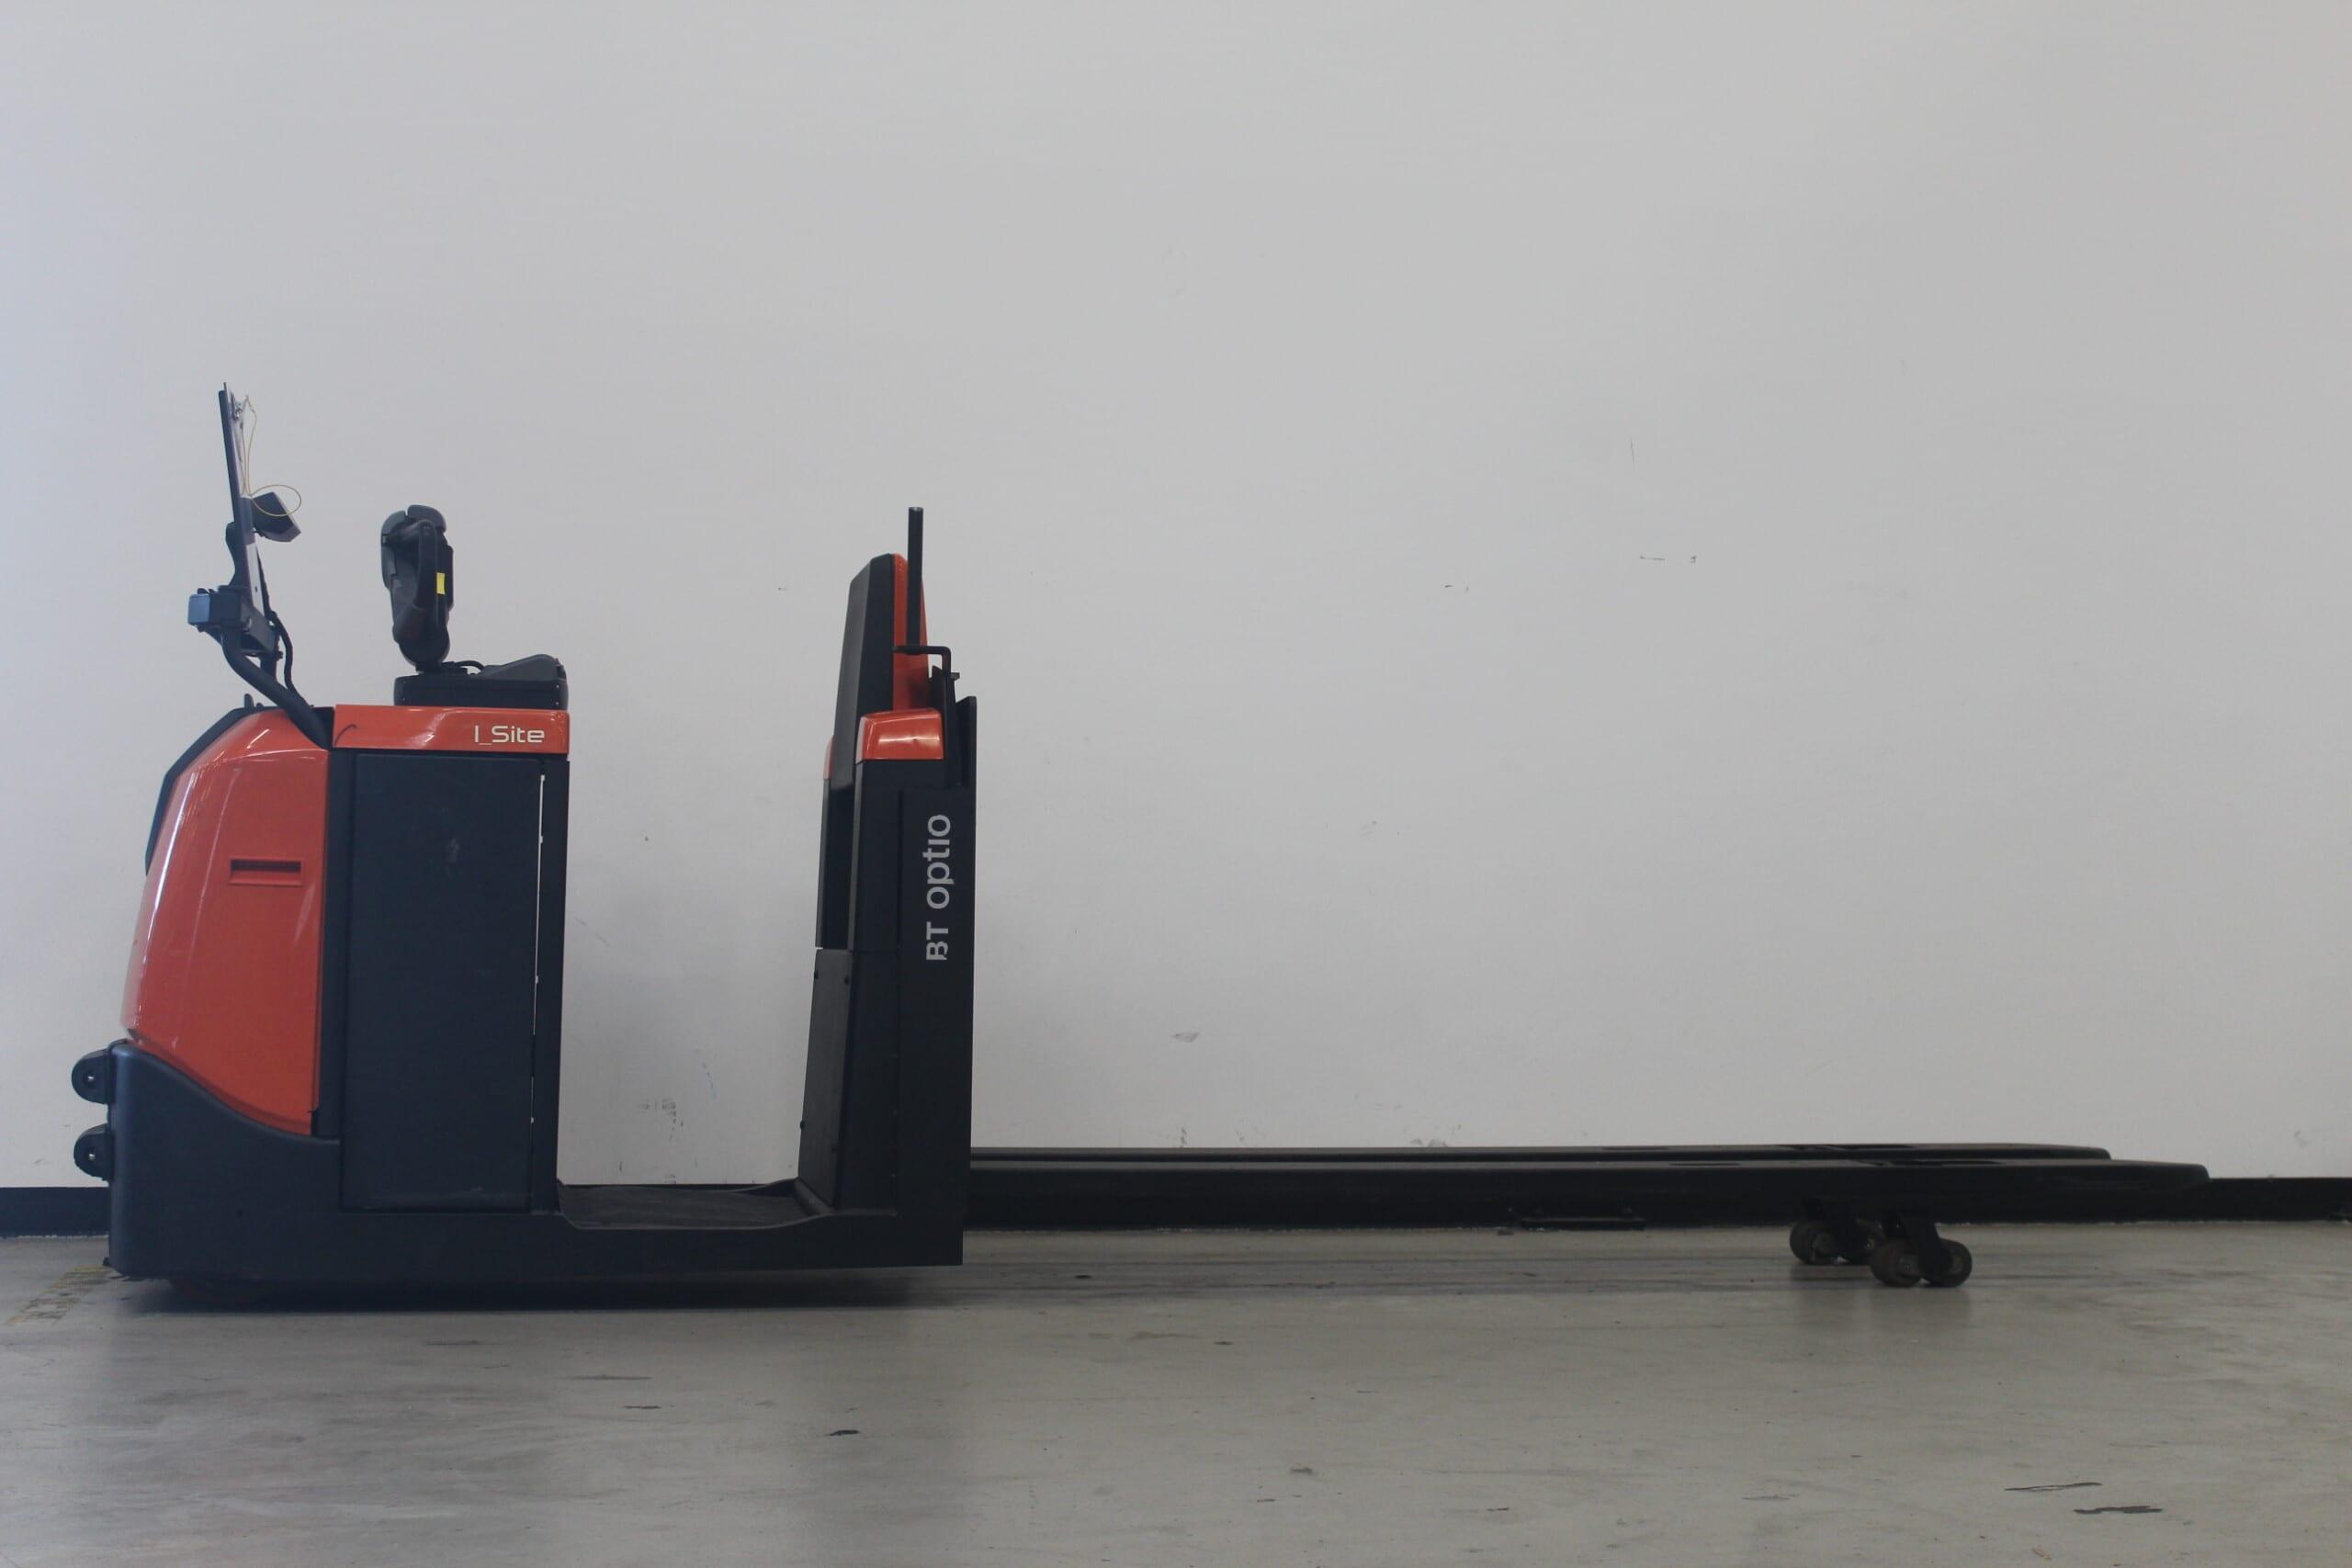 Toyota-Gabelstapler-59840 1712017739 1 scaled